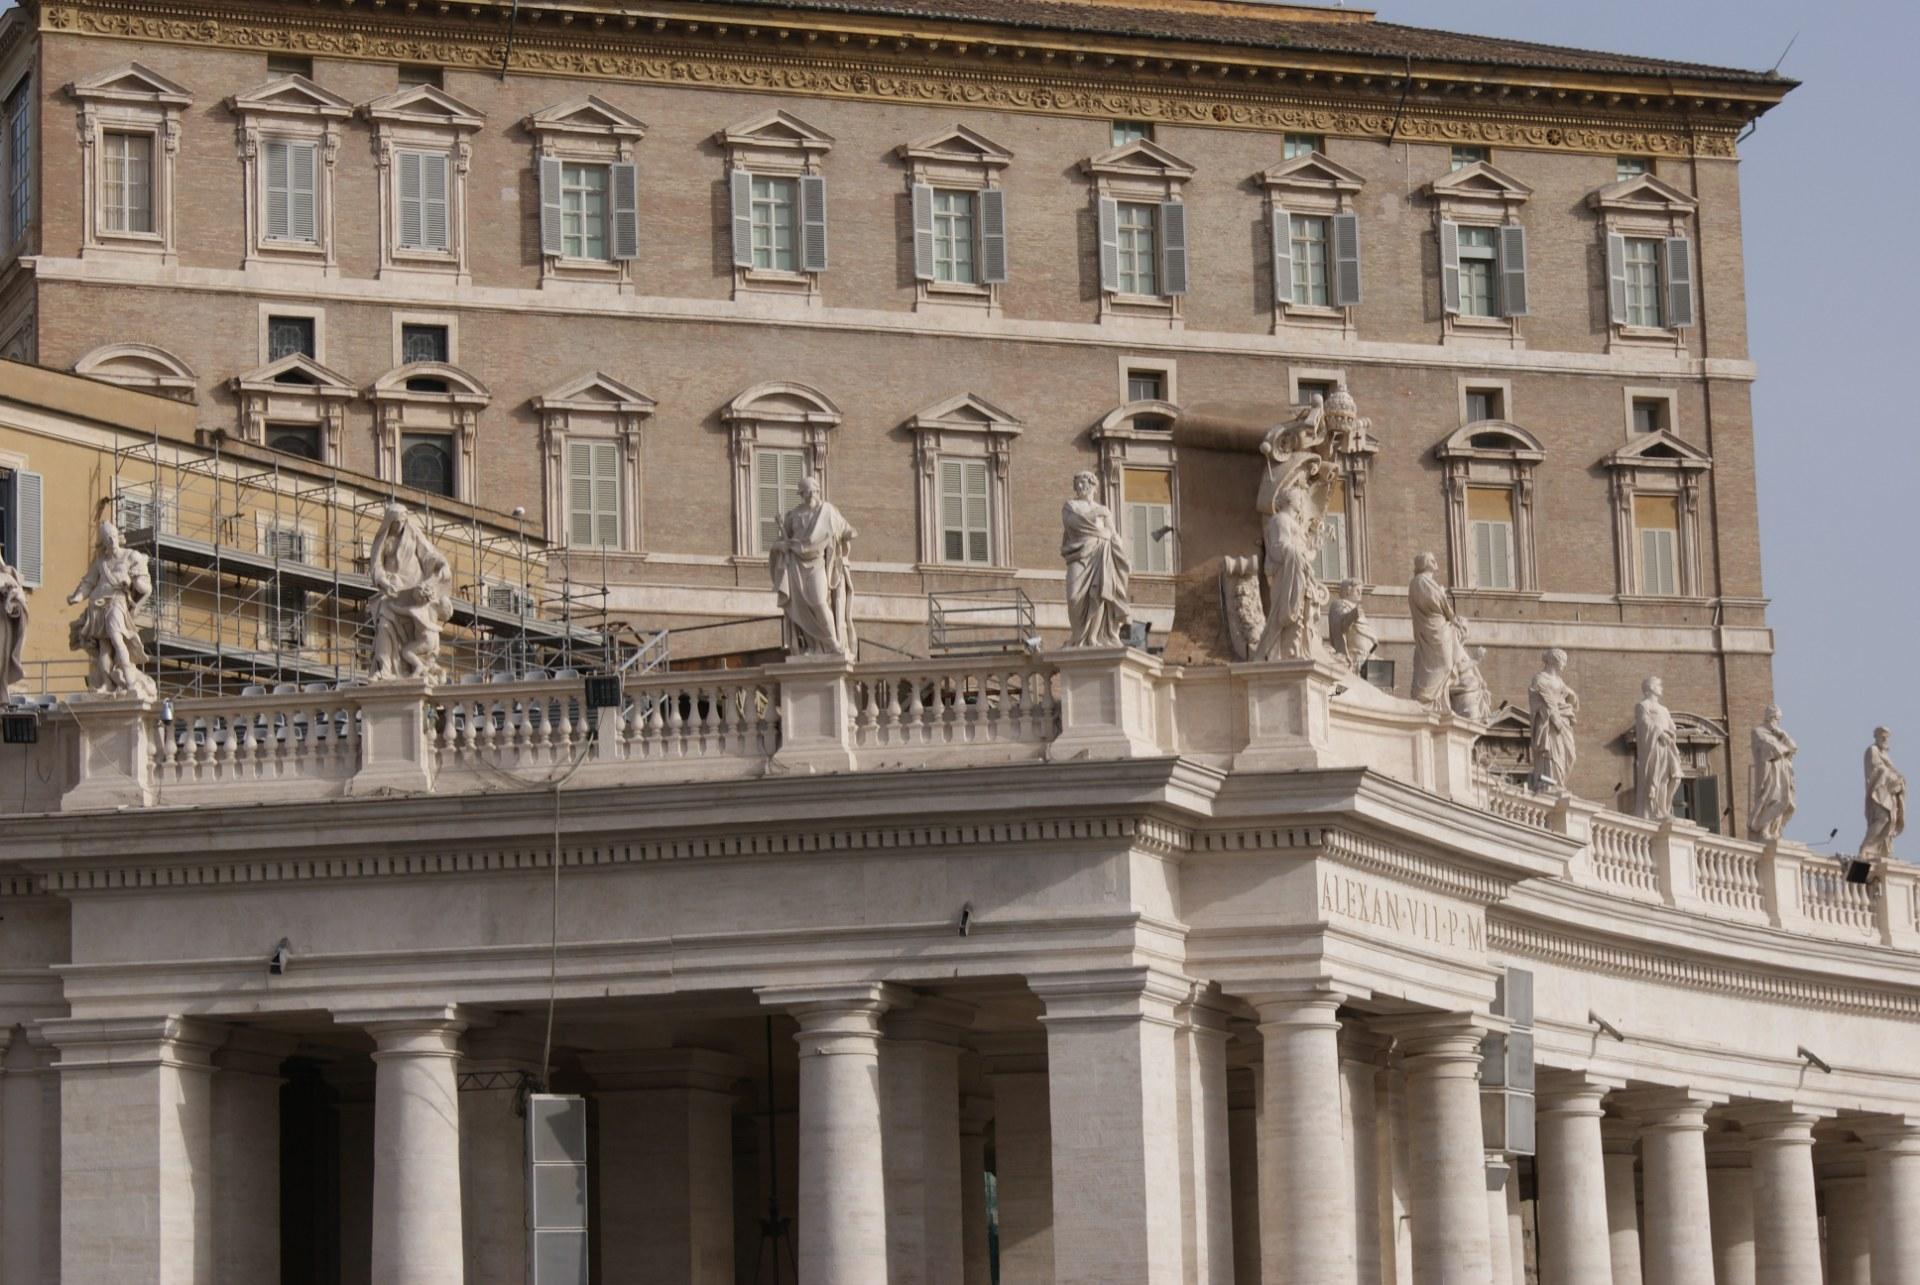 Images - Stald - Rome Printemps 2016 - 04:05 - 18